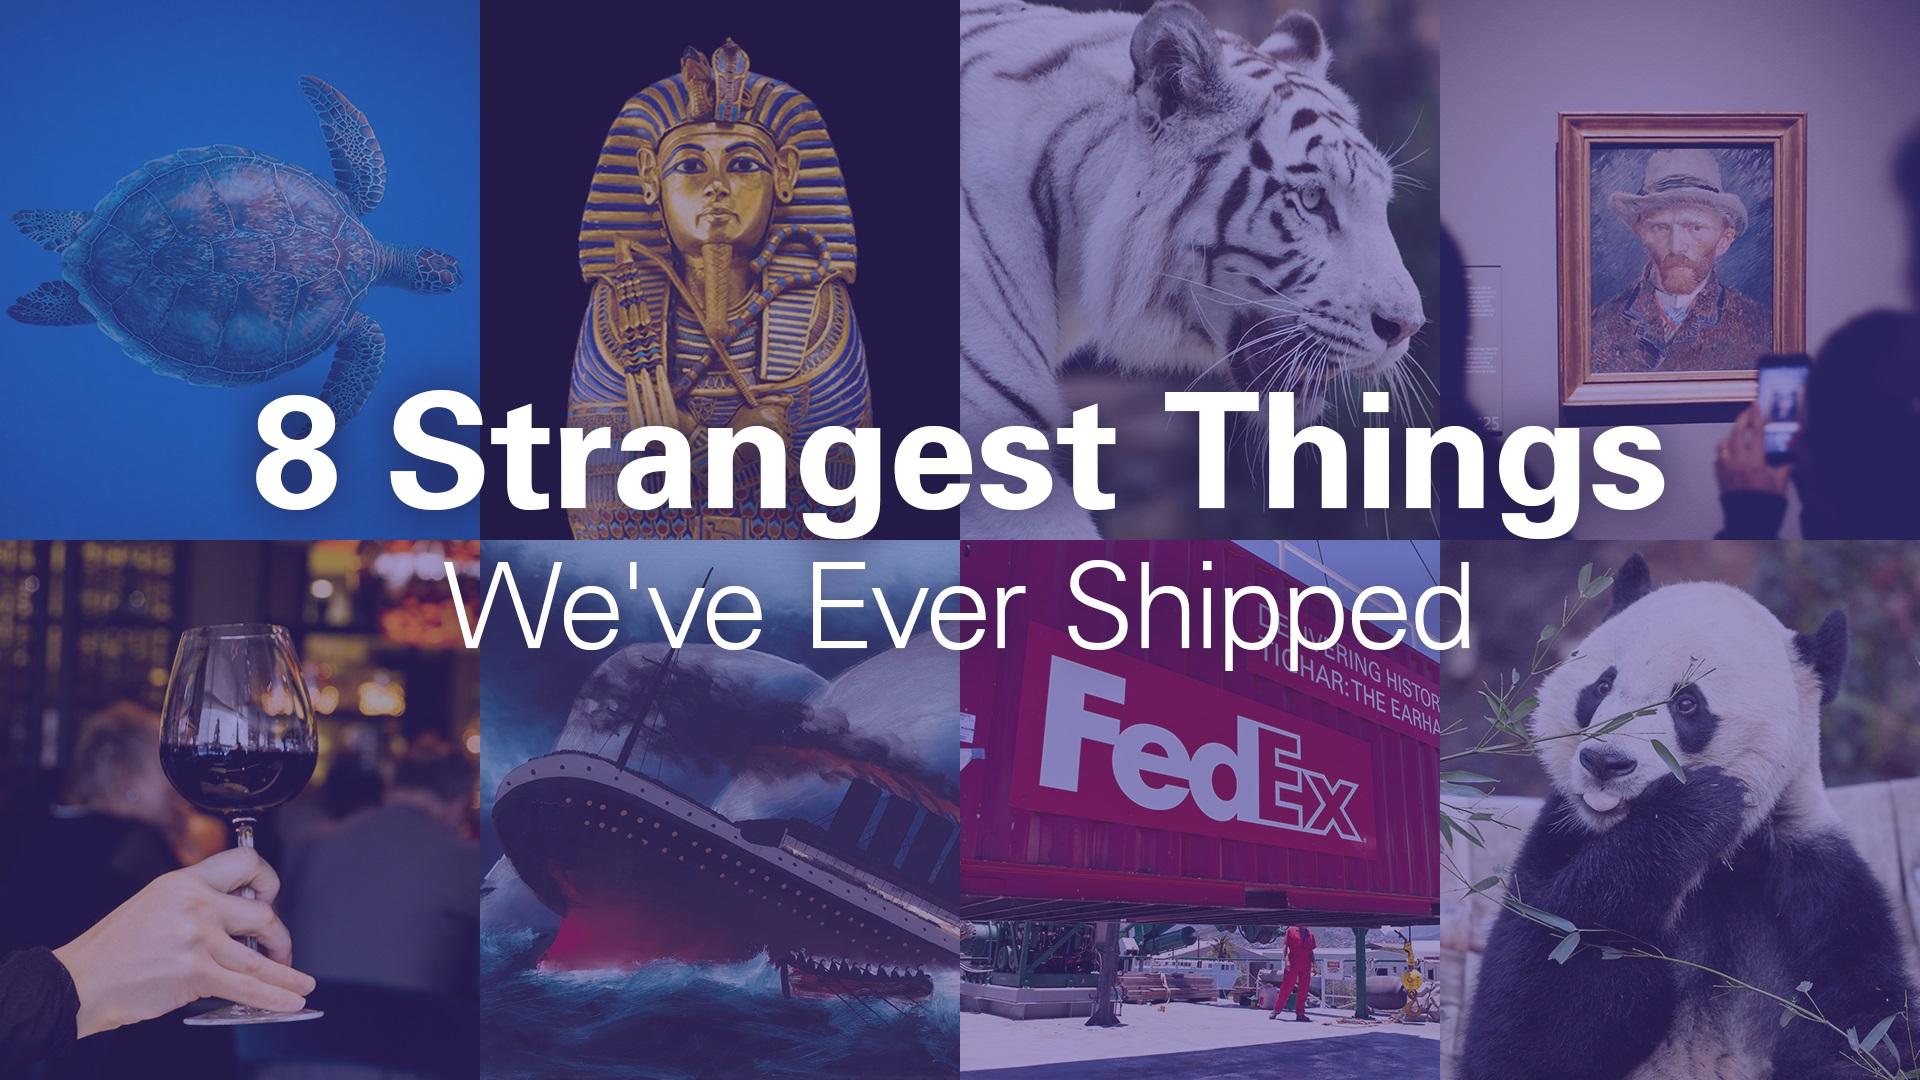 รวมสุดยอด 8 'พัสดุ' ของแปลก ที่เฟดเอ็กซ์เคยส่งข้ามฝากโลก!